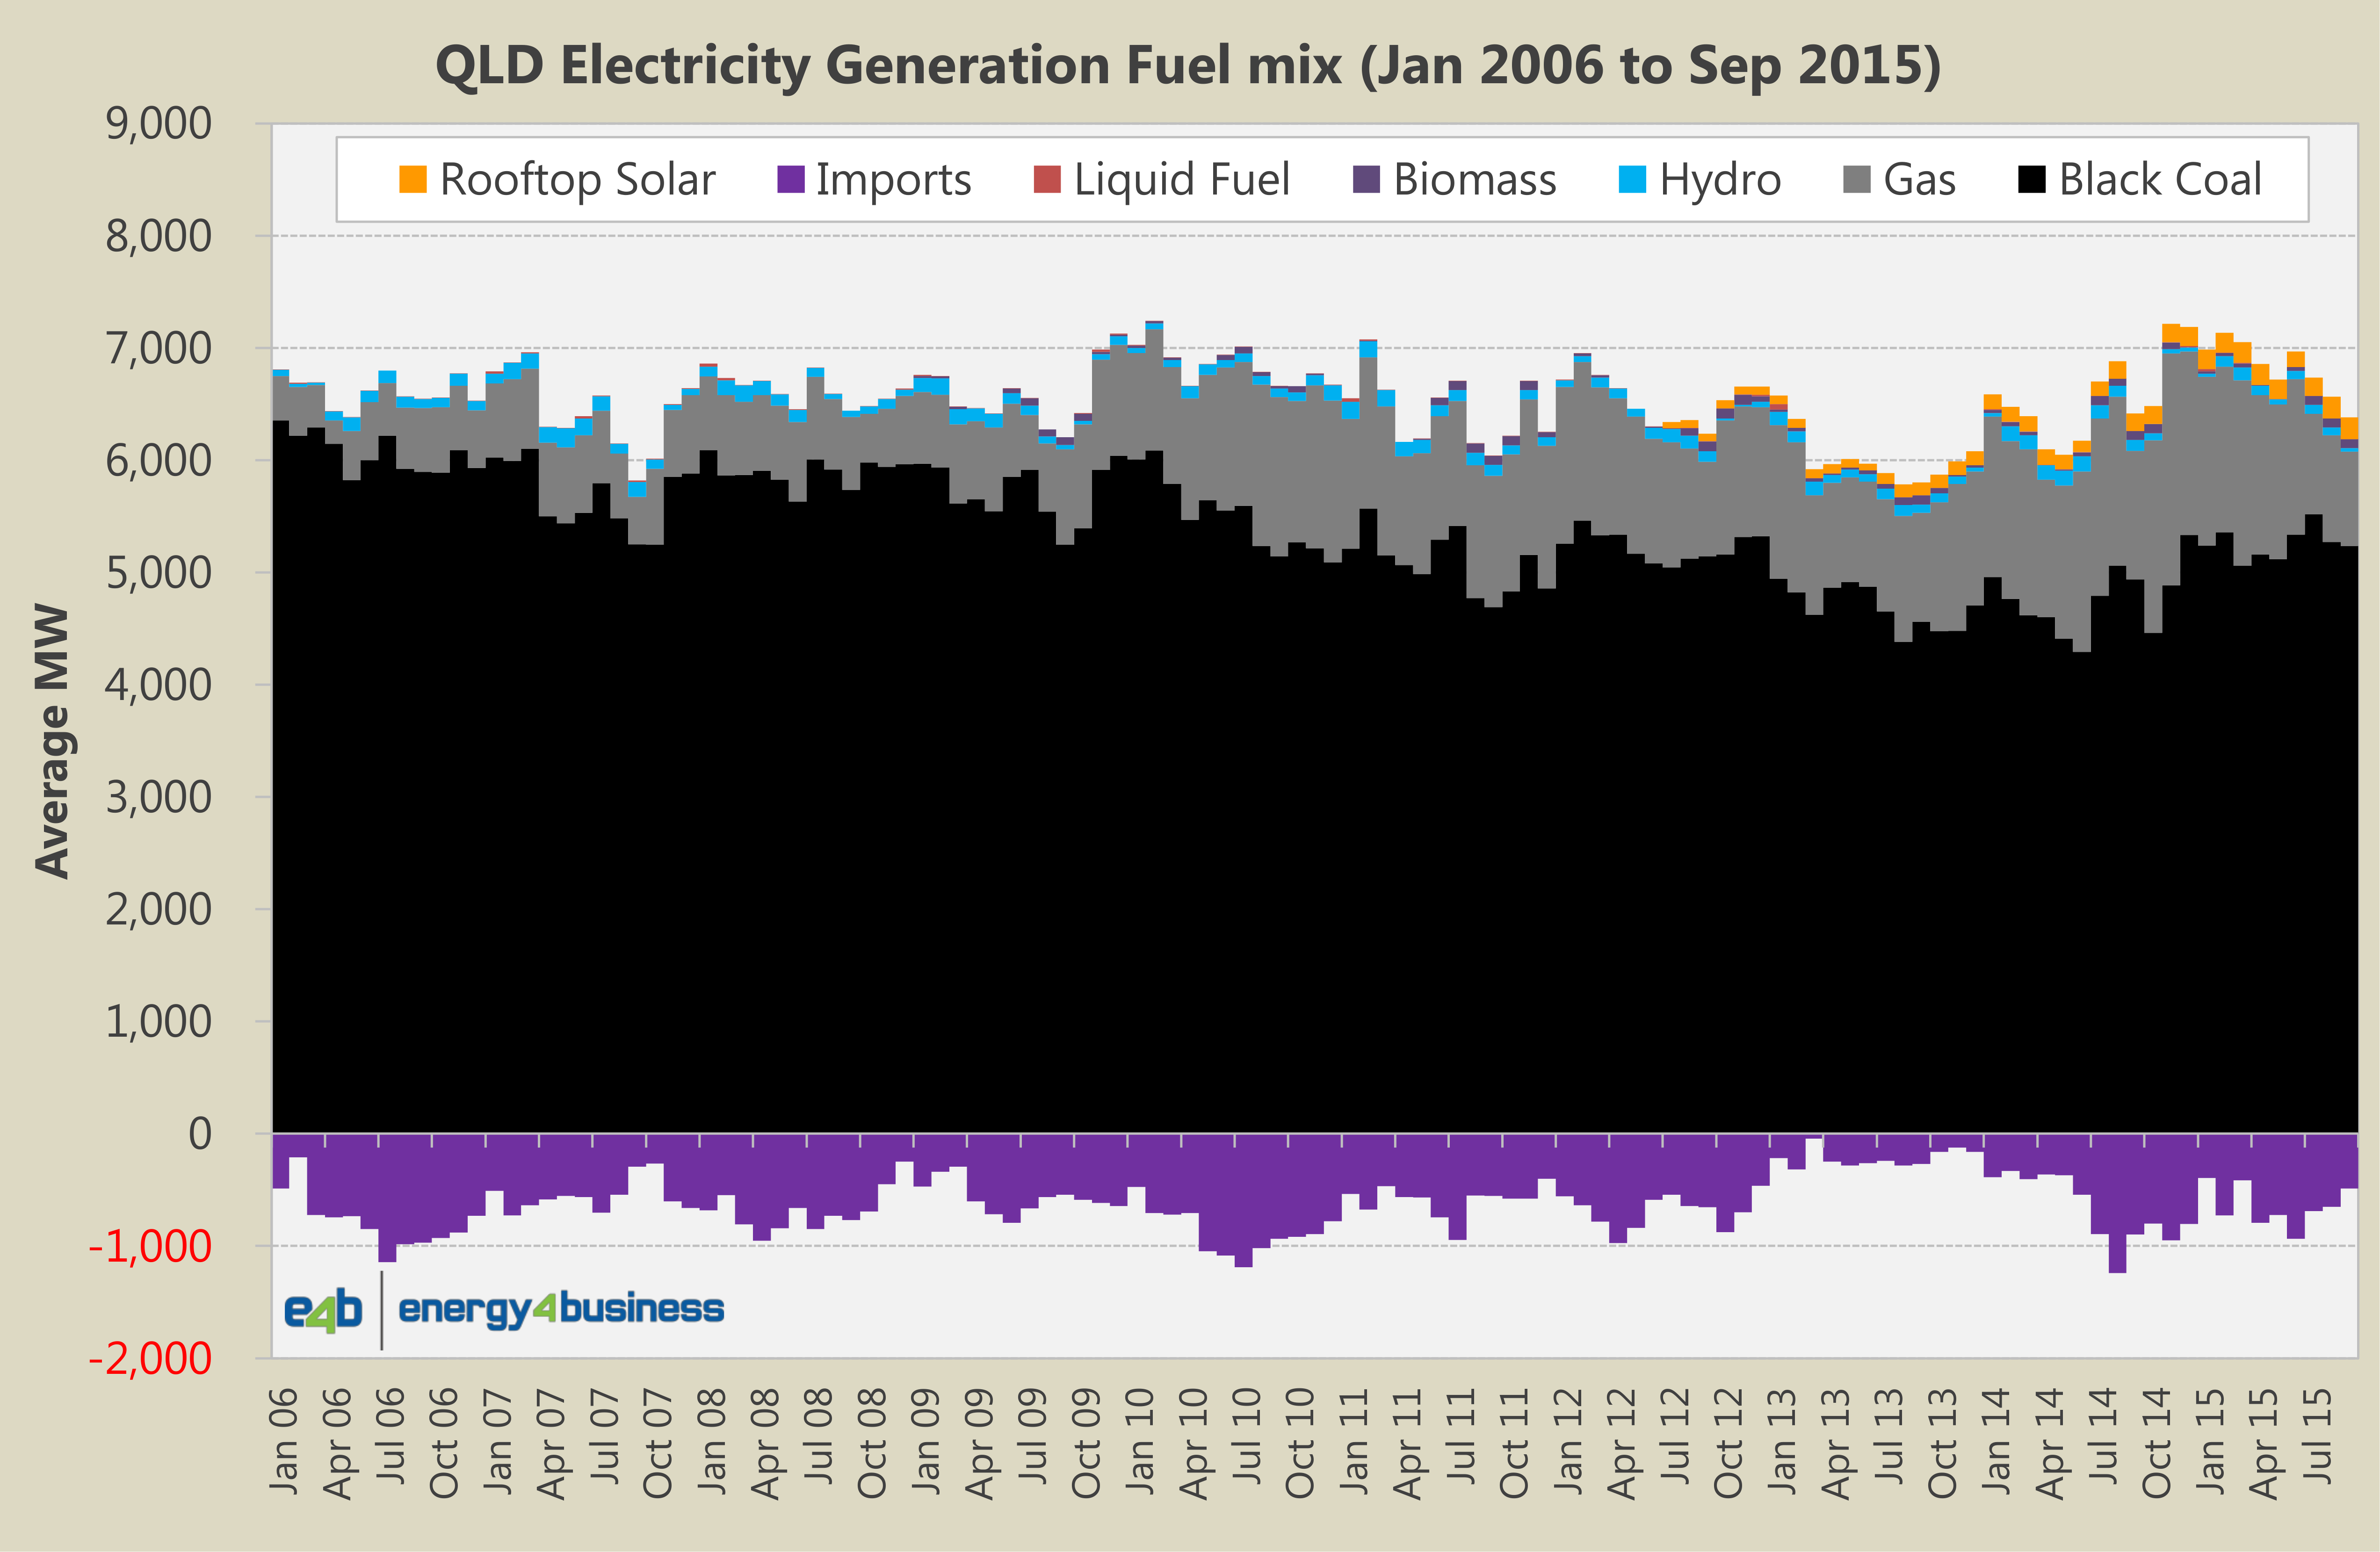 Fuel Generation Mix - QLD